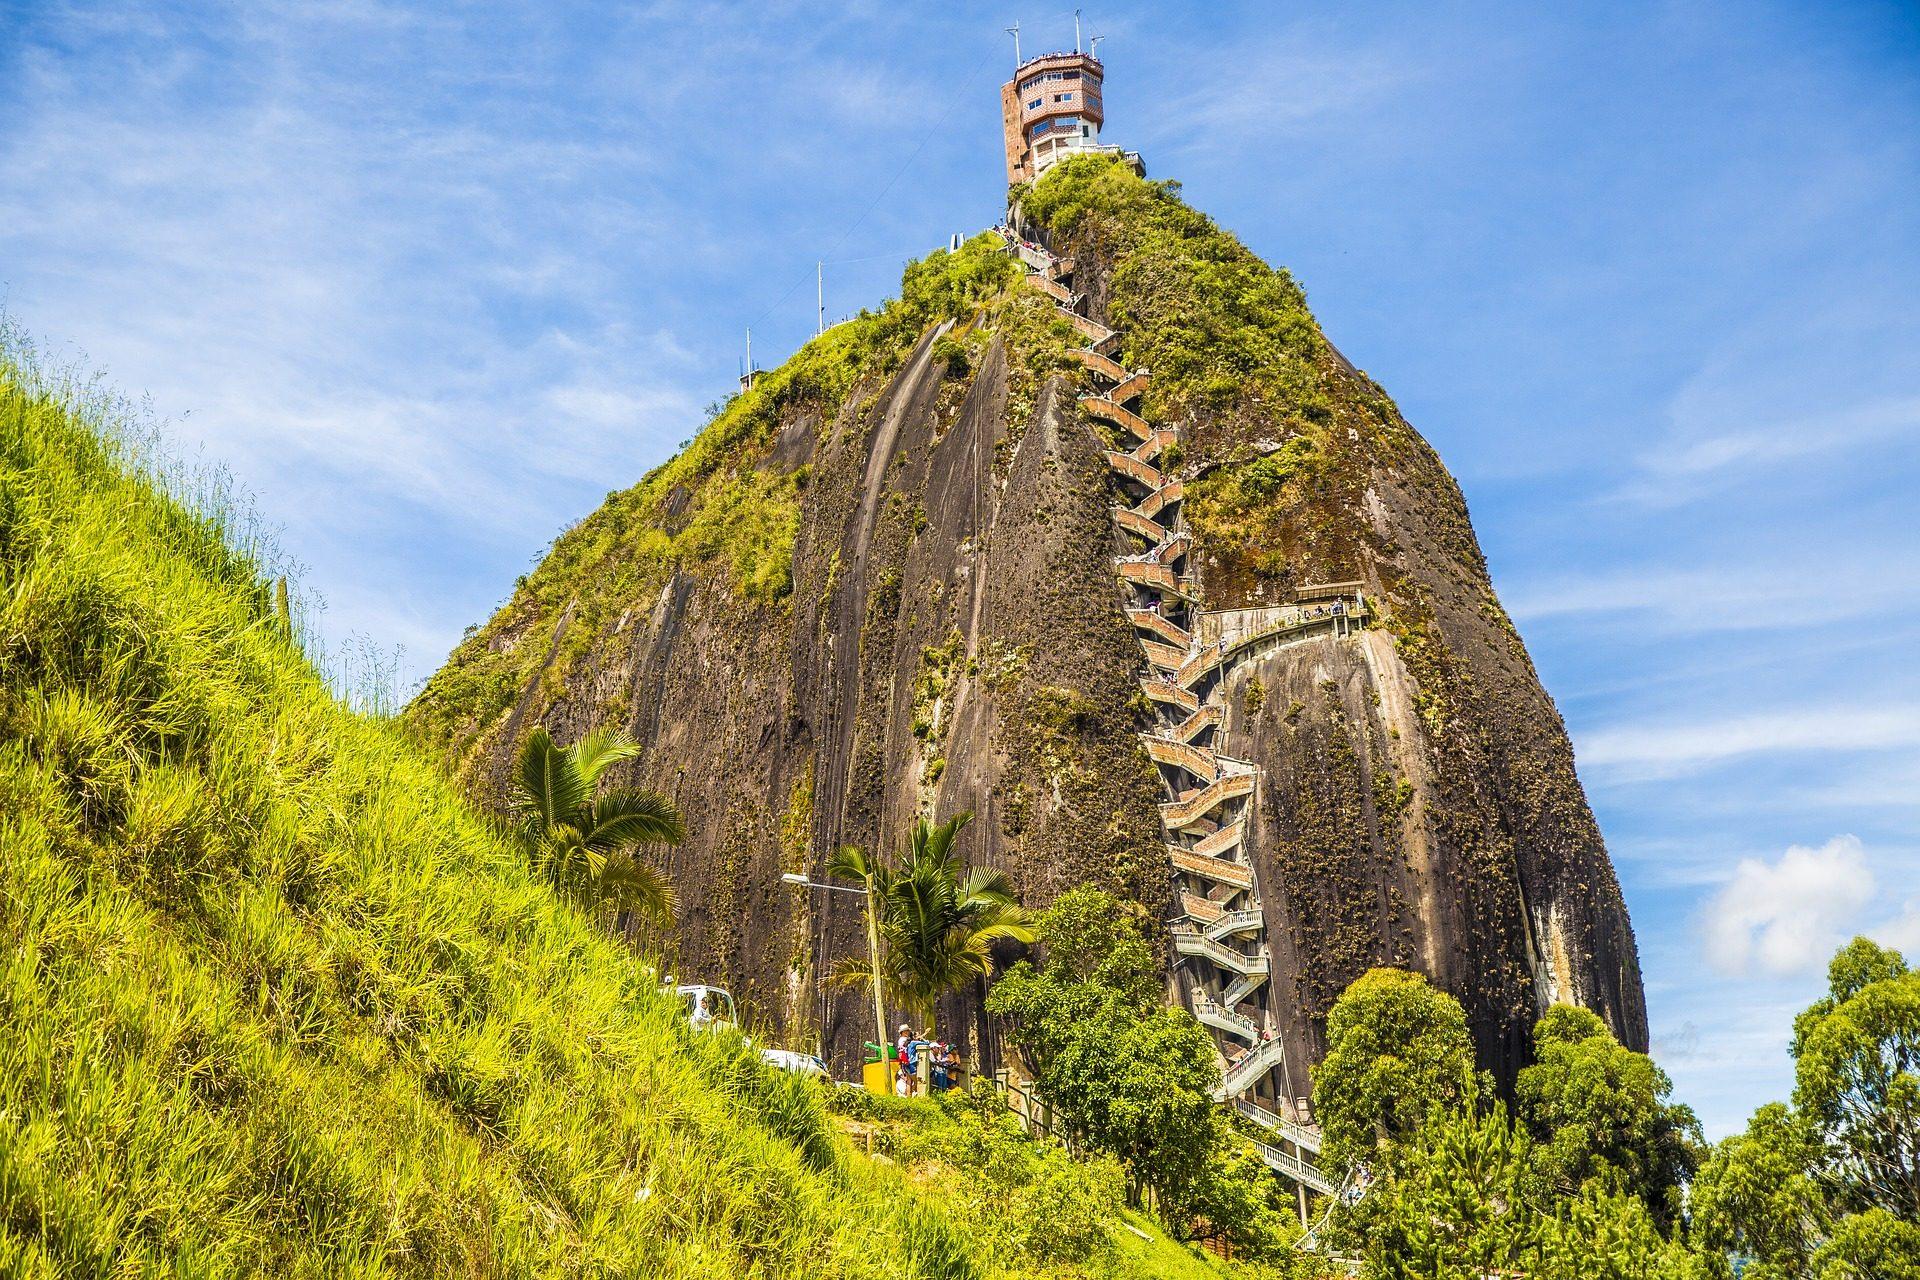 Σπίτι, Βουνό, Roca, σκάλες, υψόμετρο, CIMA, βλάστηση, Κολομβία - Wallpapers HD - Professor-falken.com